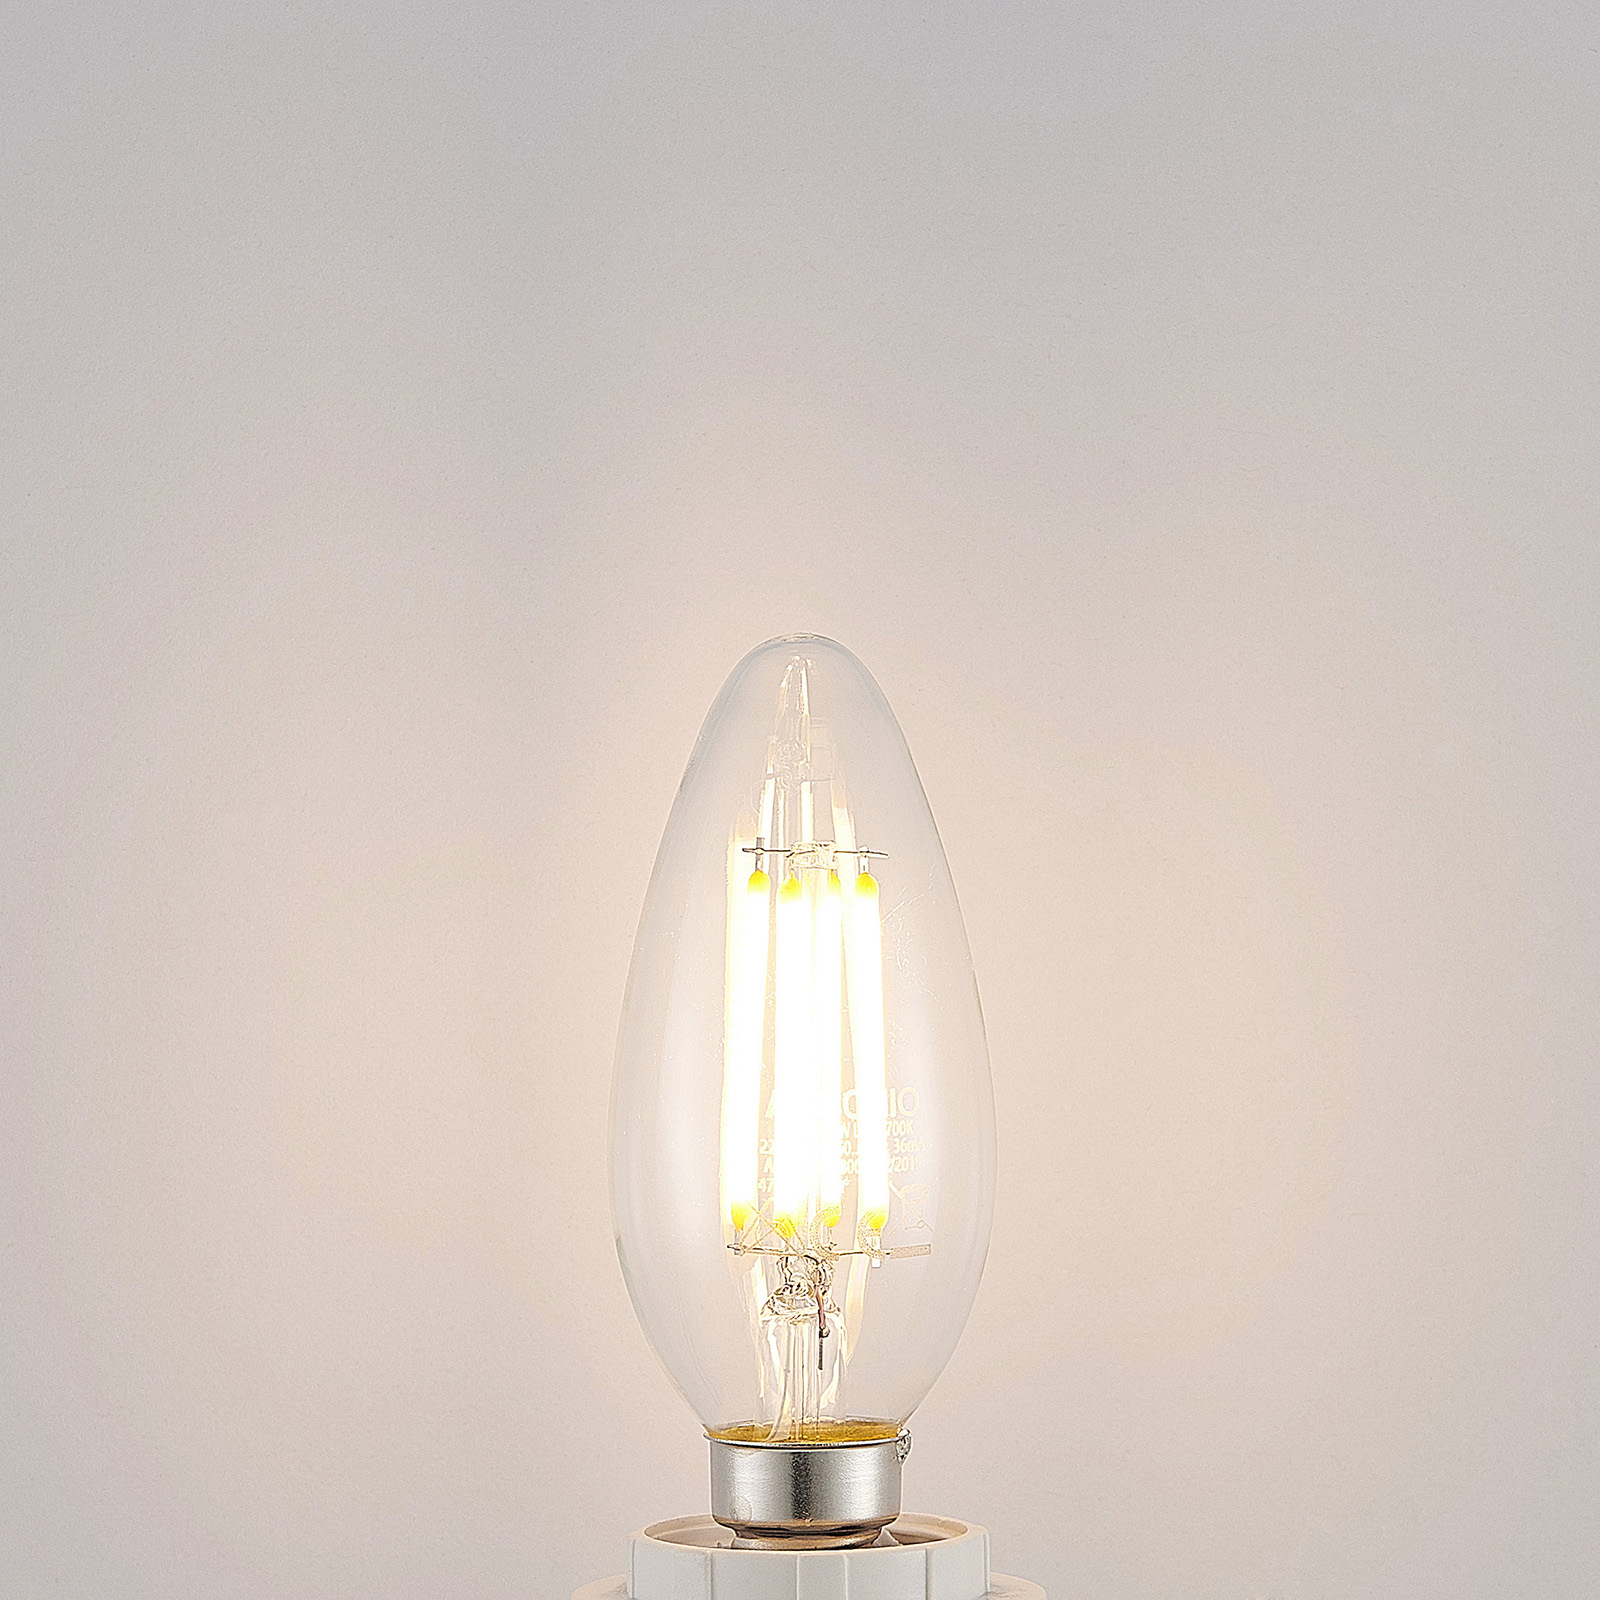 LED-lampa E14 filament 4W 2 700 K 3-stegsdimmer